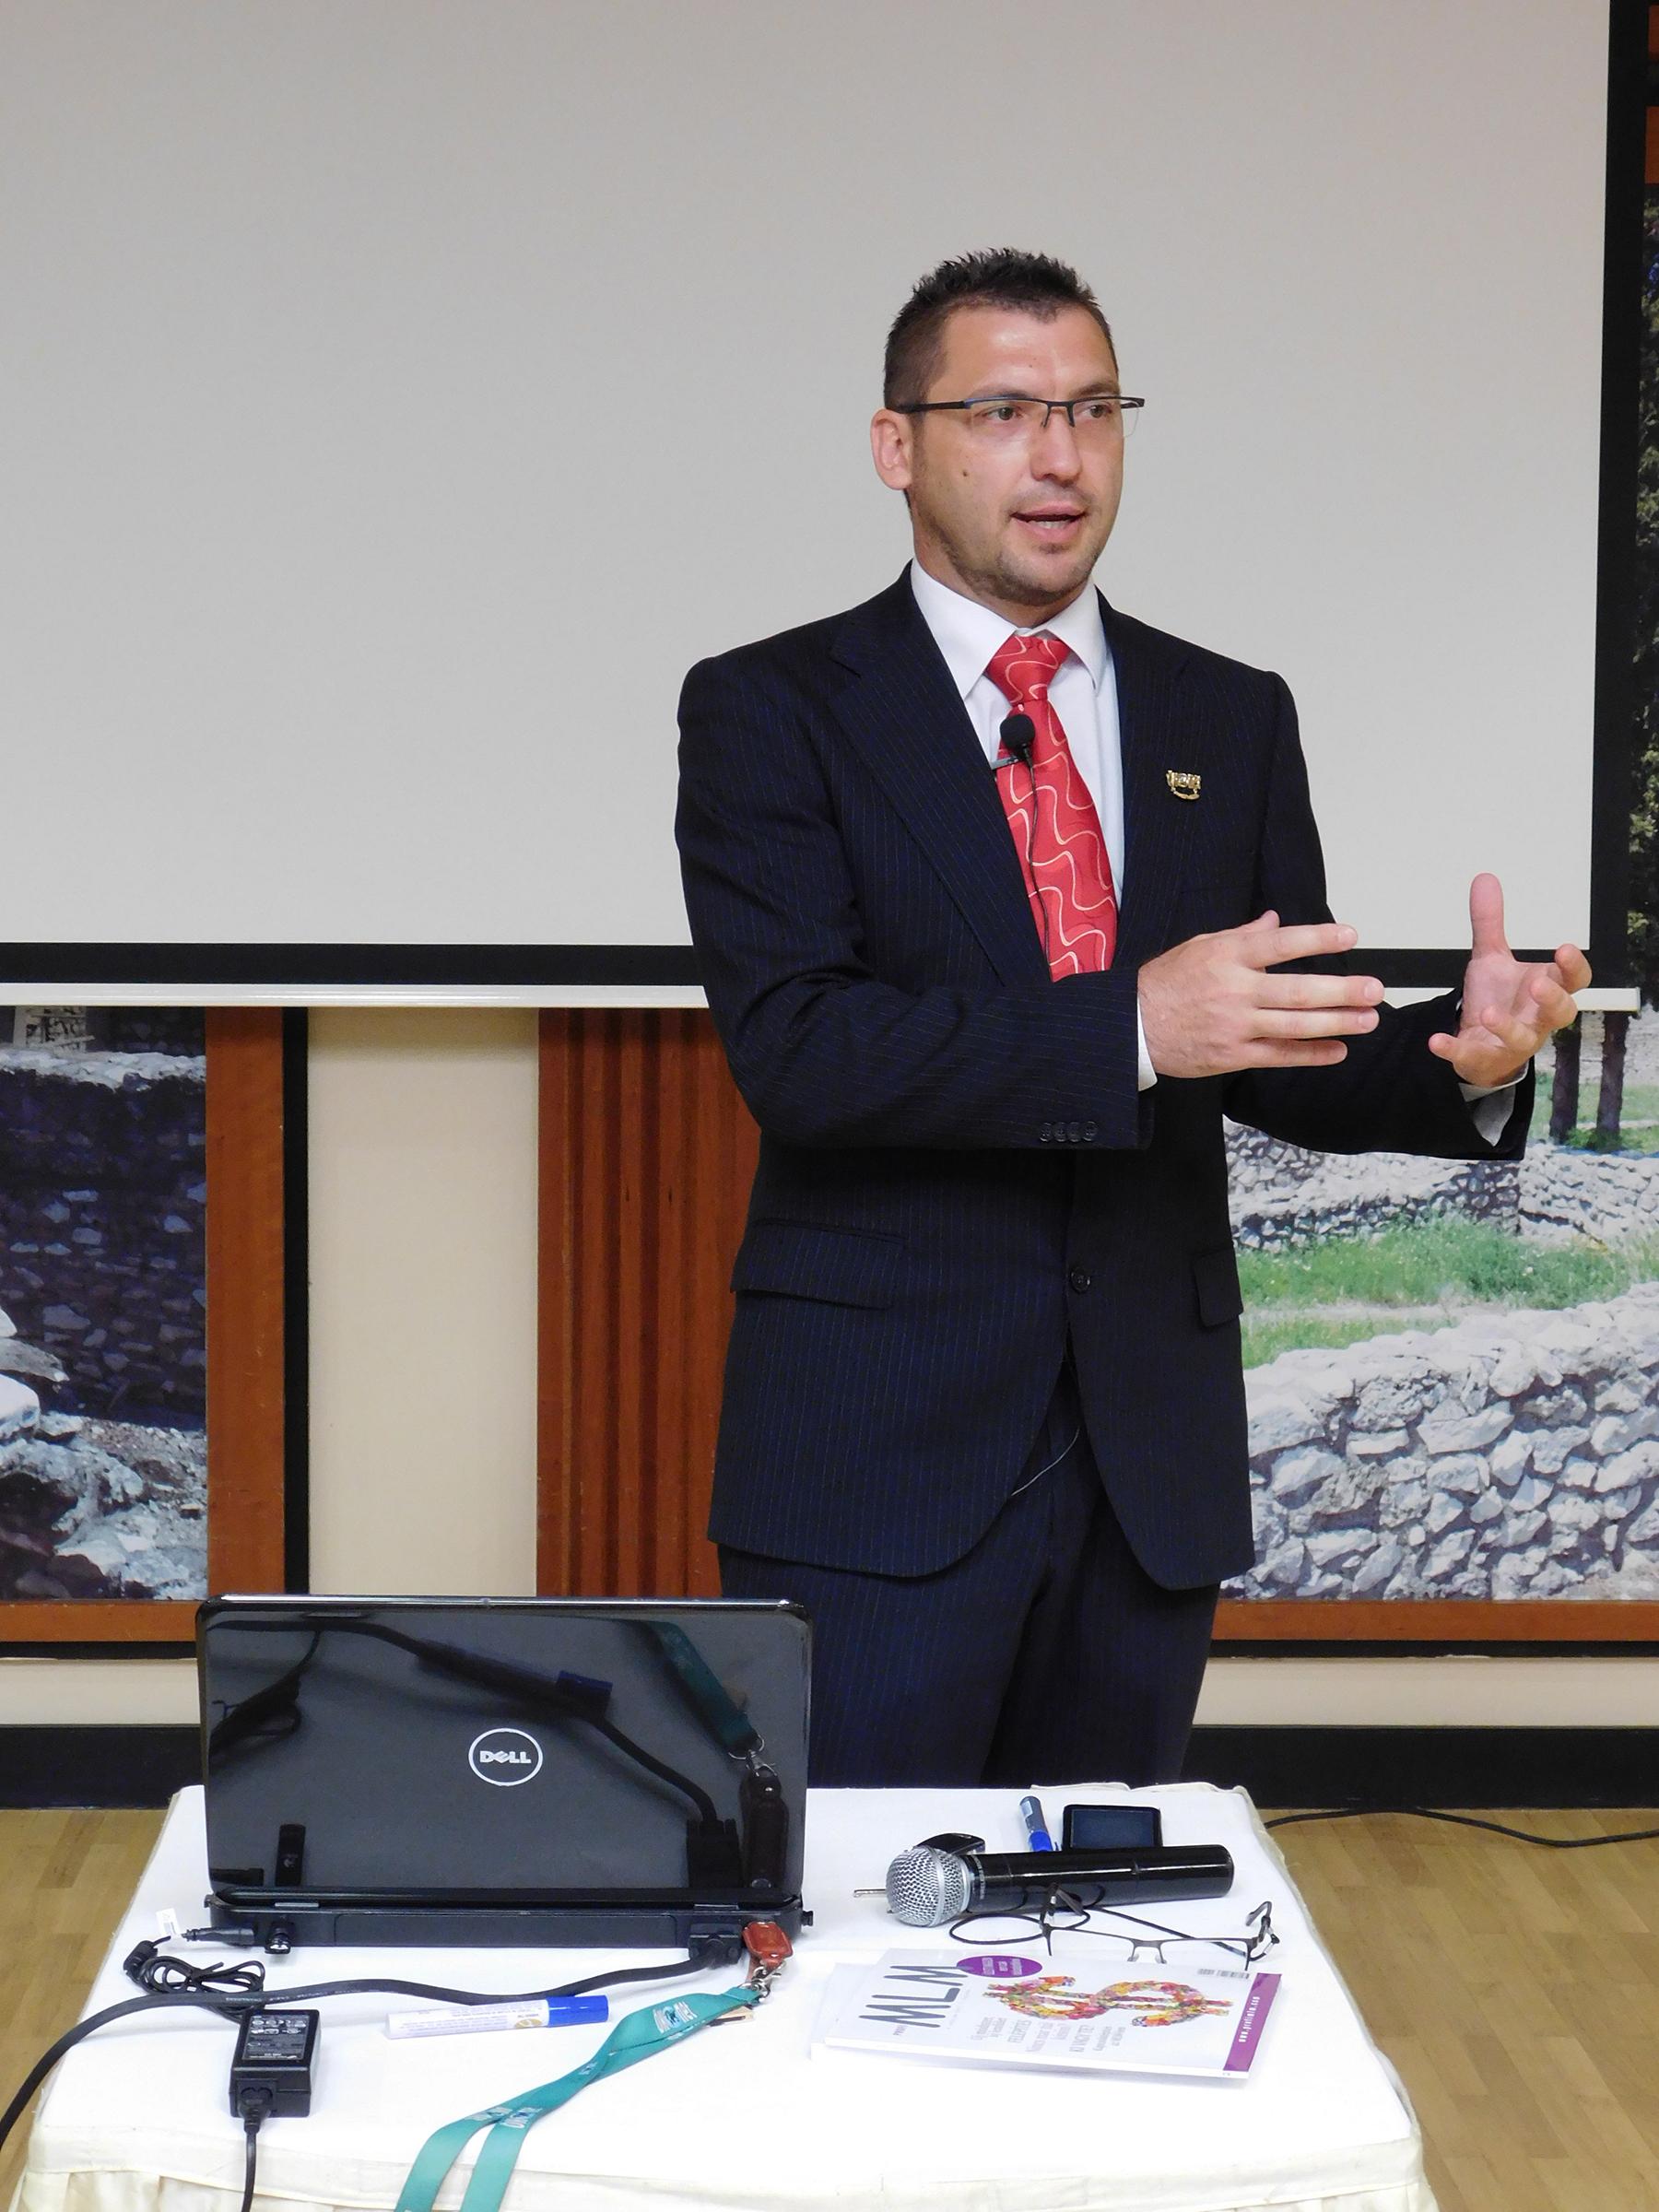 Vass Oszkár ágvezető a vállalkozói gondolkodásról szólt, a Biocom Életmódprogramhoz kapcsolódva